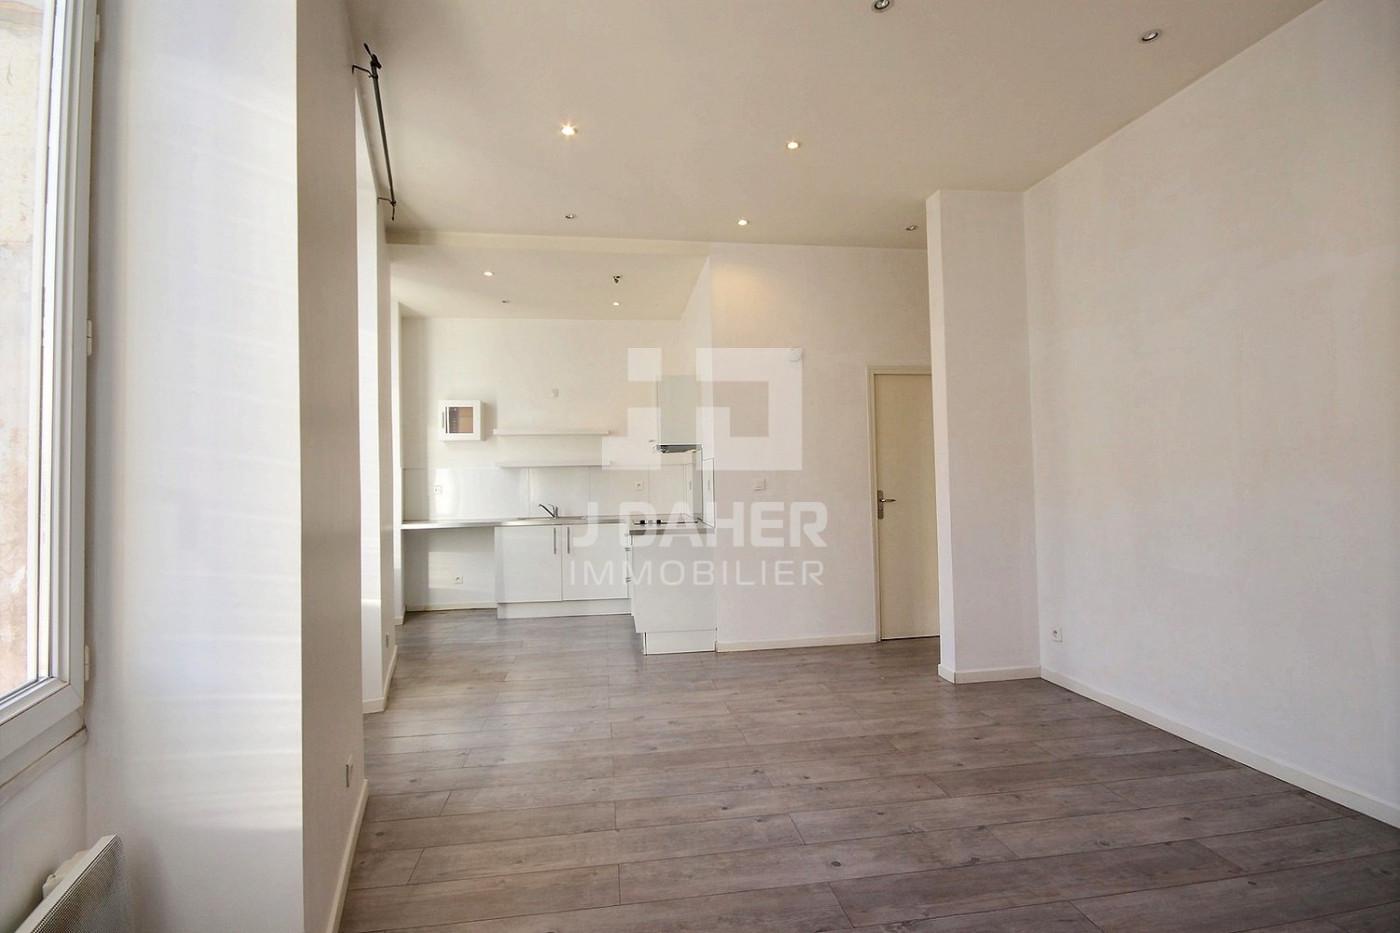 A vendre Marseille 1er Arrondissement 13025926 J daher immobilier